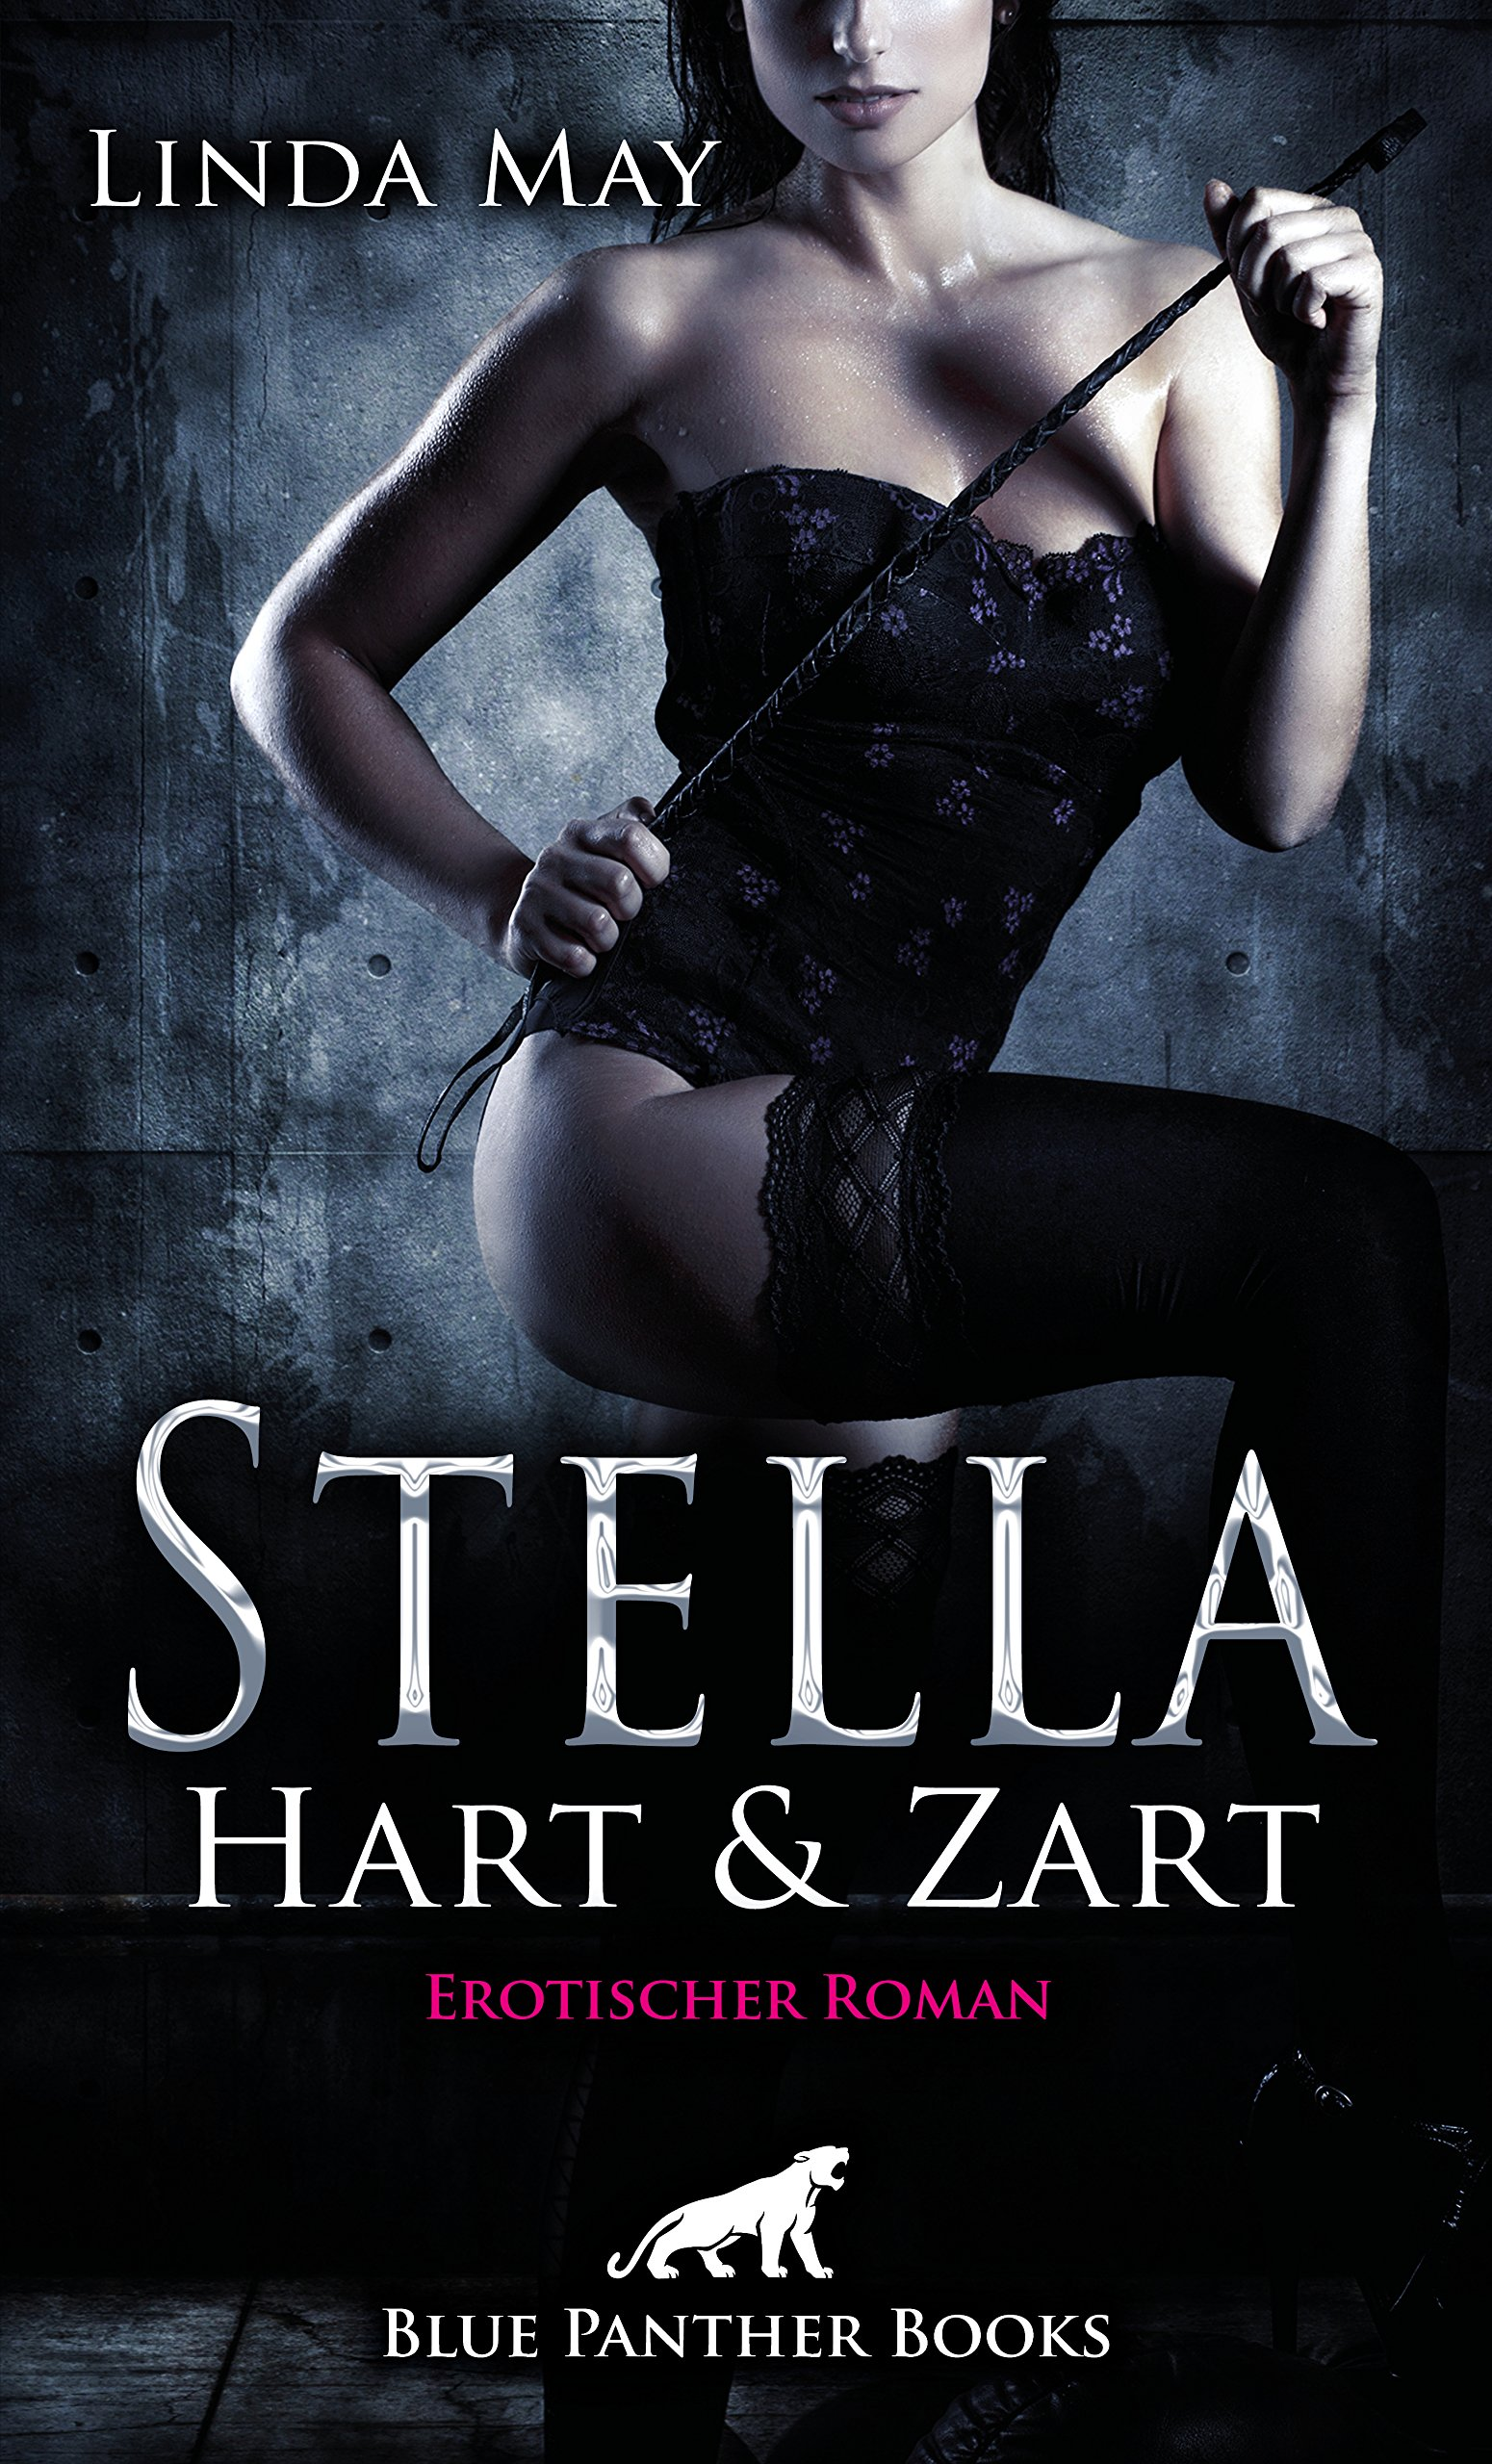 Stella - Hart und Zart | Erotischer Roman Taschenbuch – 30. Juni 2018 Linda May blue panther books 3862777731 FICTION / Erotica / General